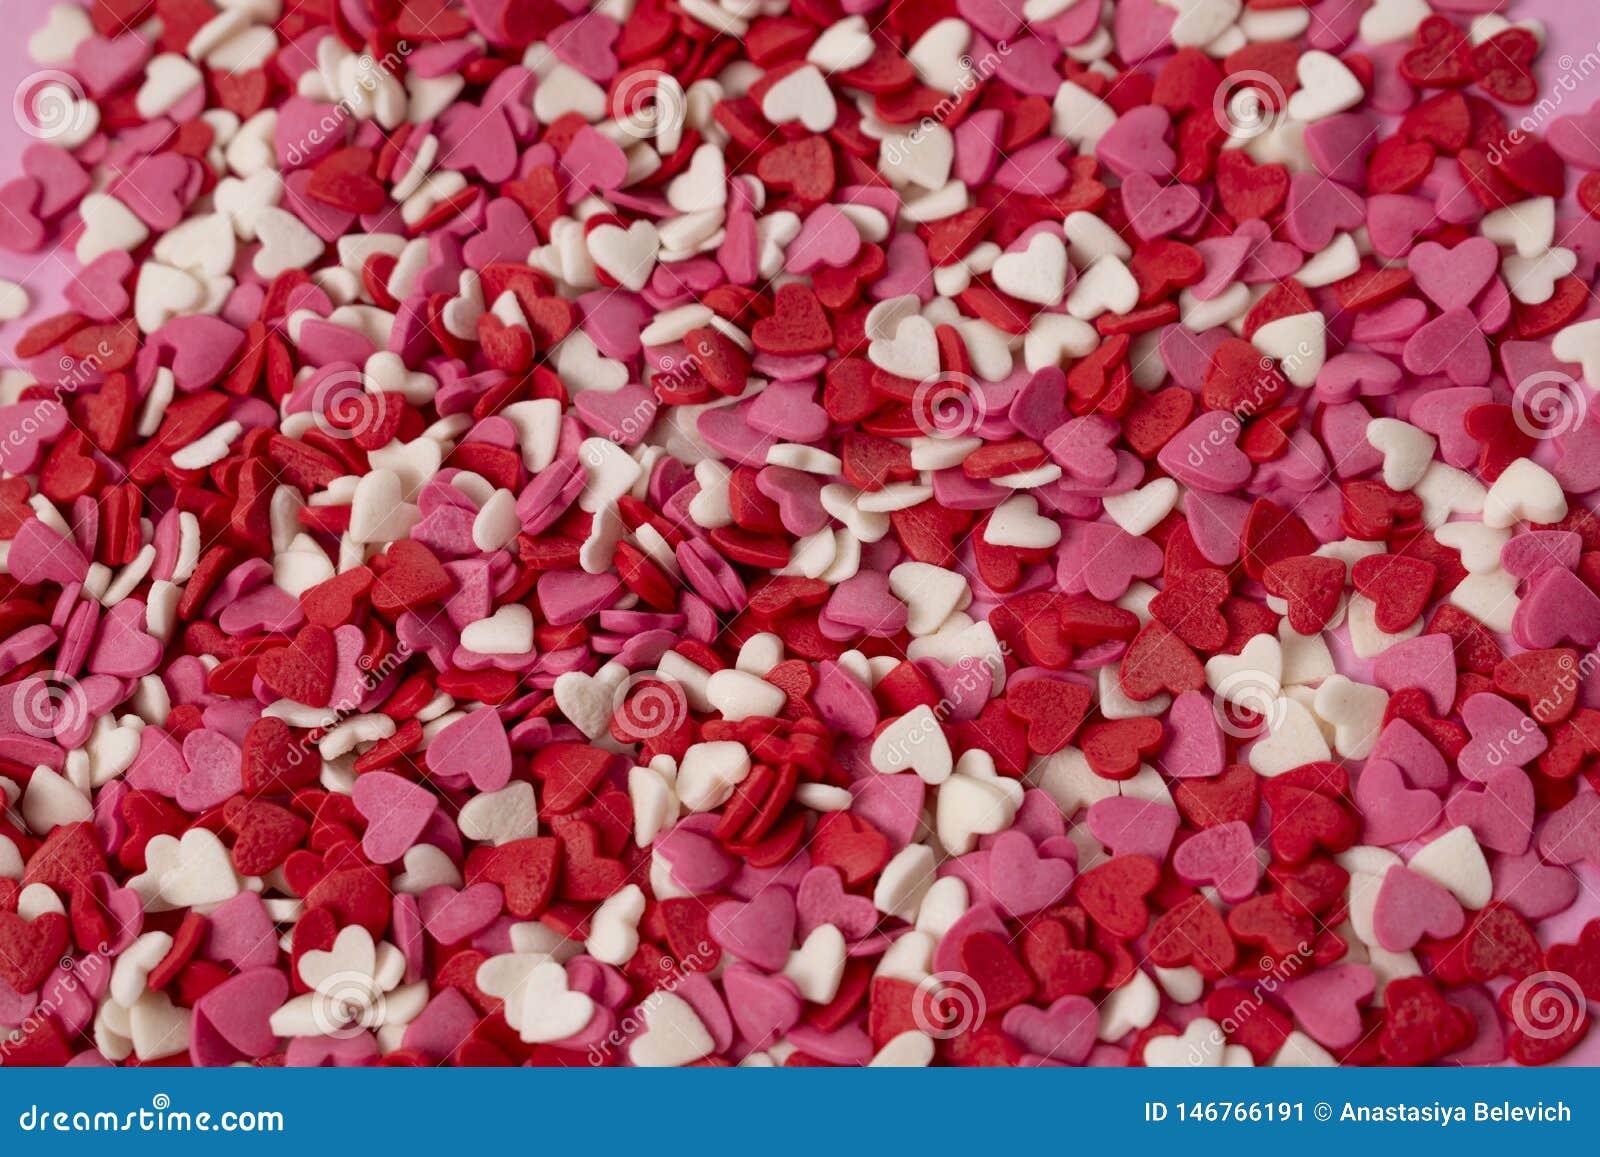 Οι πολύ μικρές καρδιά-διαμορφωμένες καραμέλες είναι διεσπαρμένες πέρα από το υπόβαθρο Πολλές μικρές φωτεινές καρδιές σε μεγάλη πο